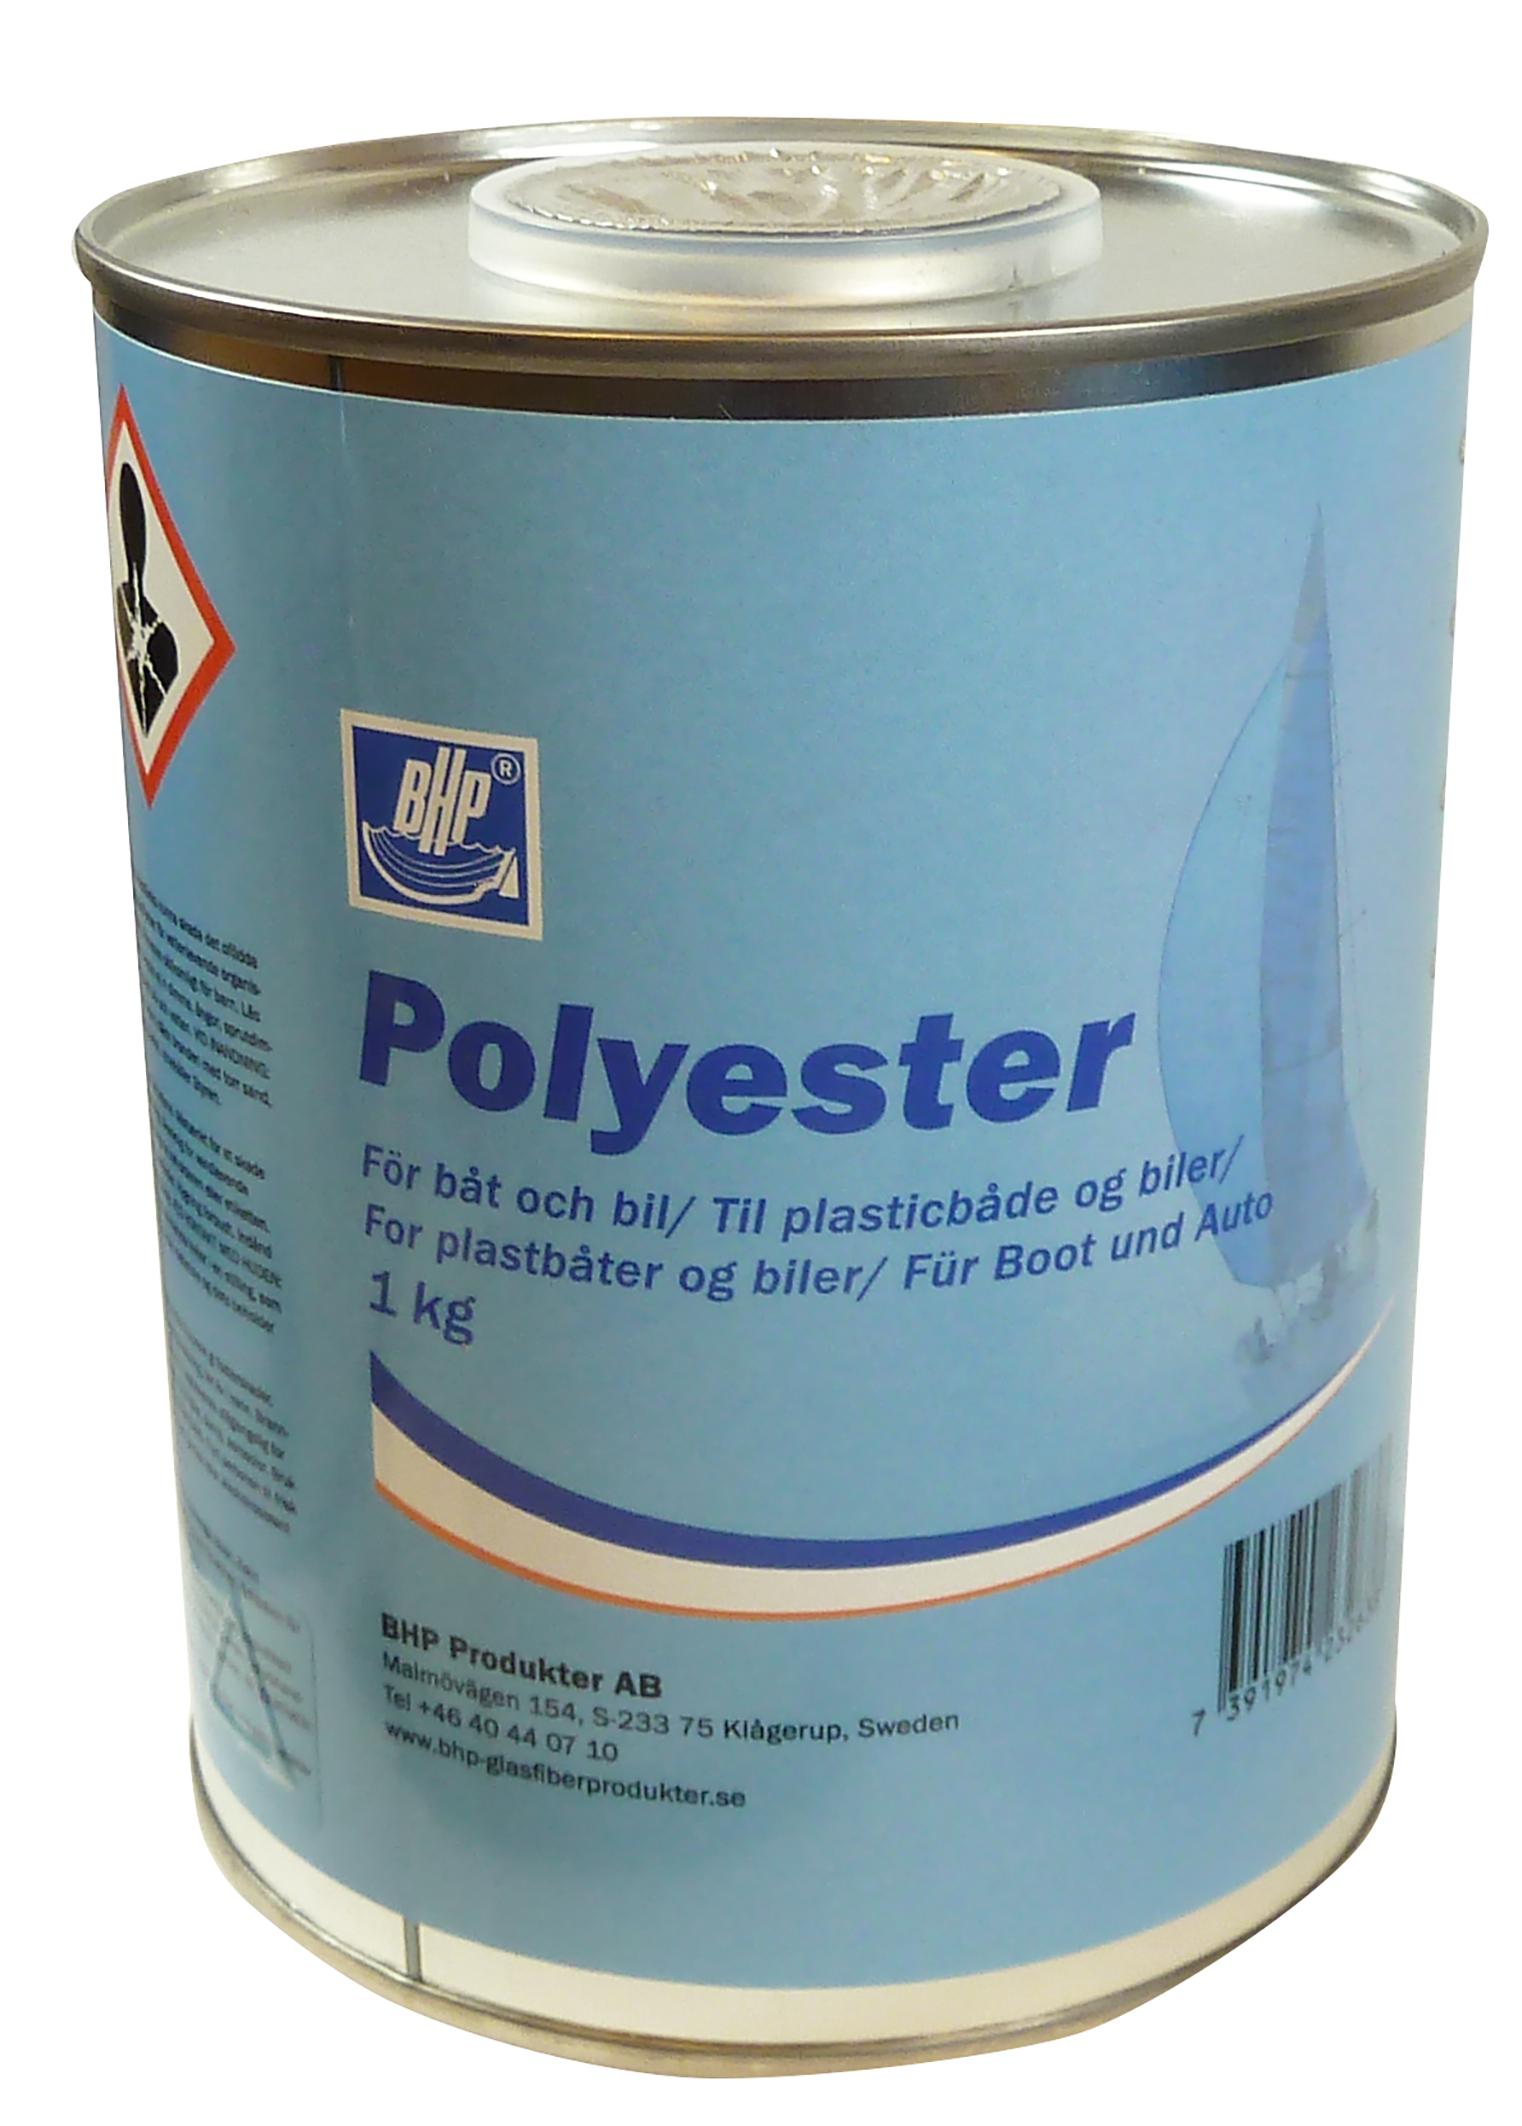 Polyesterplast 1 kg